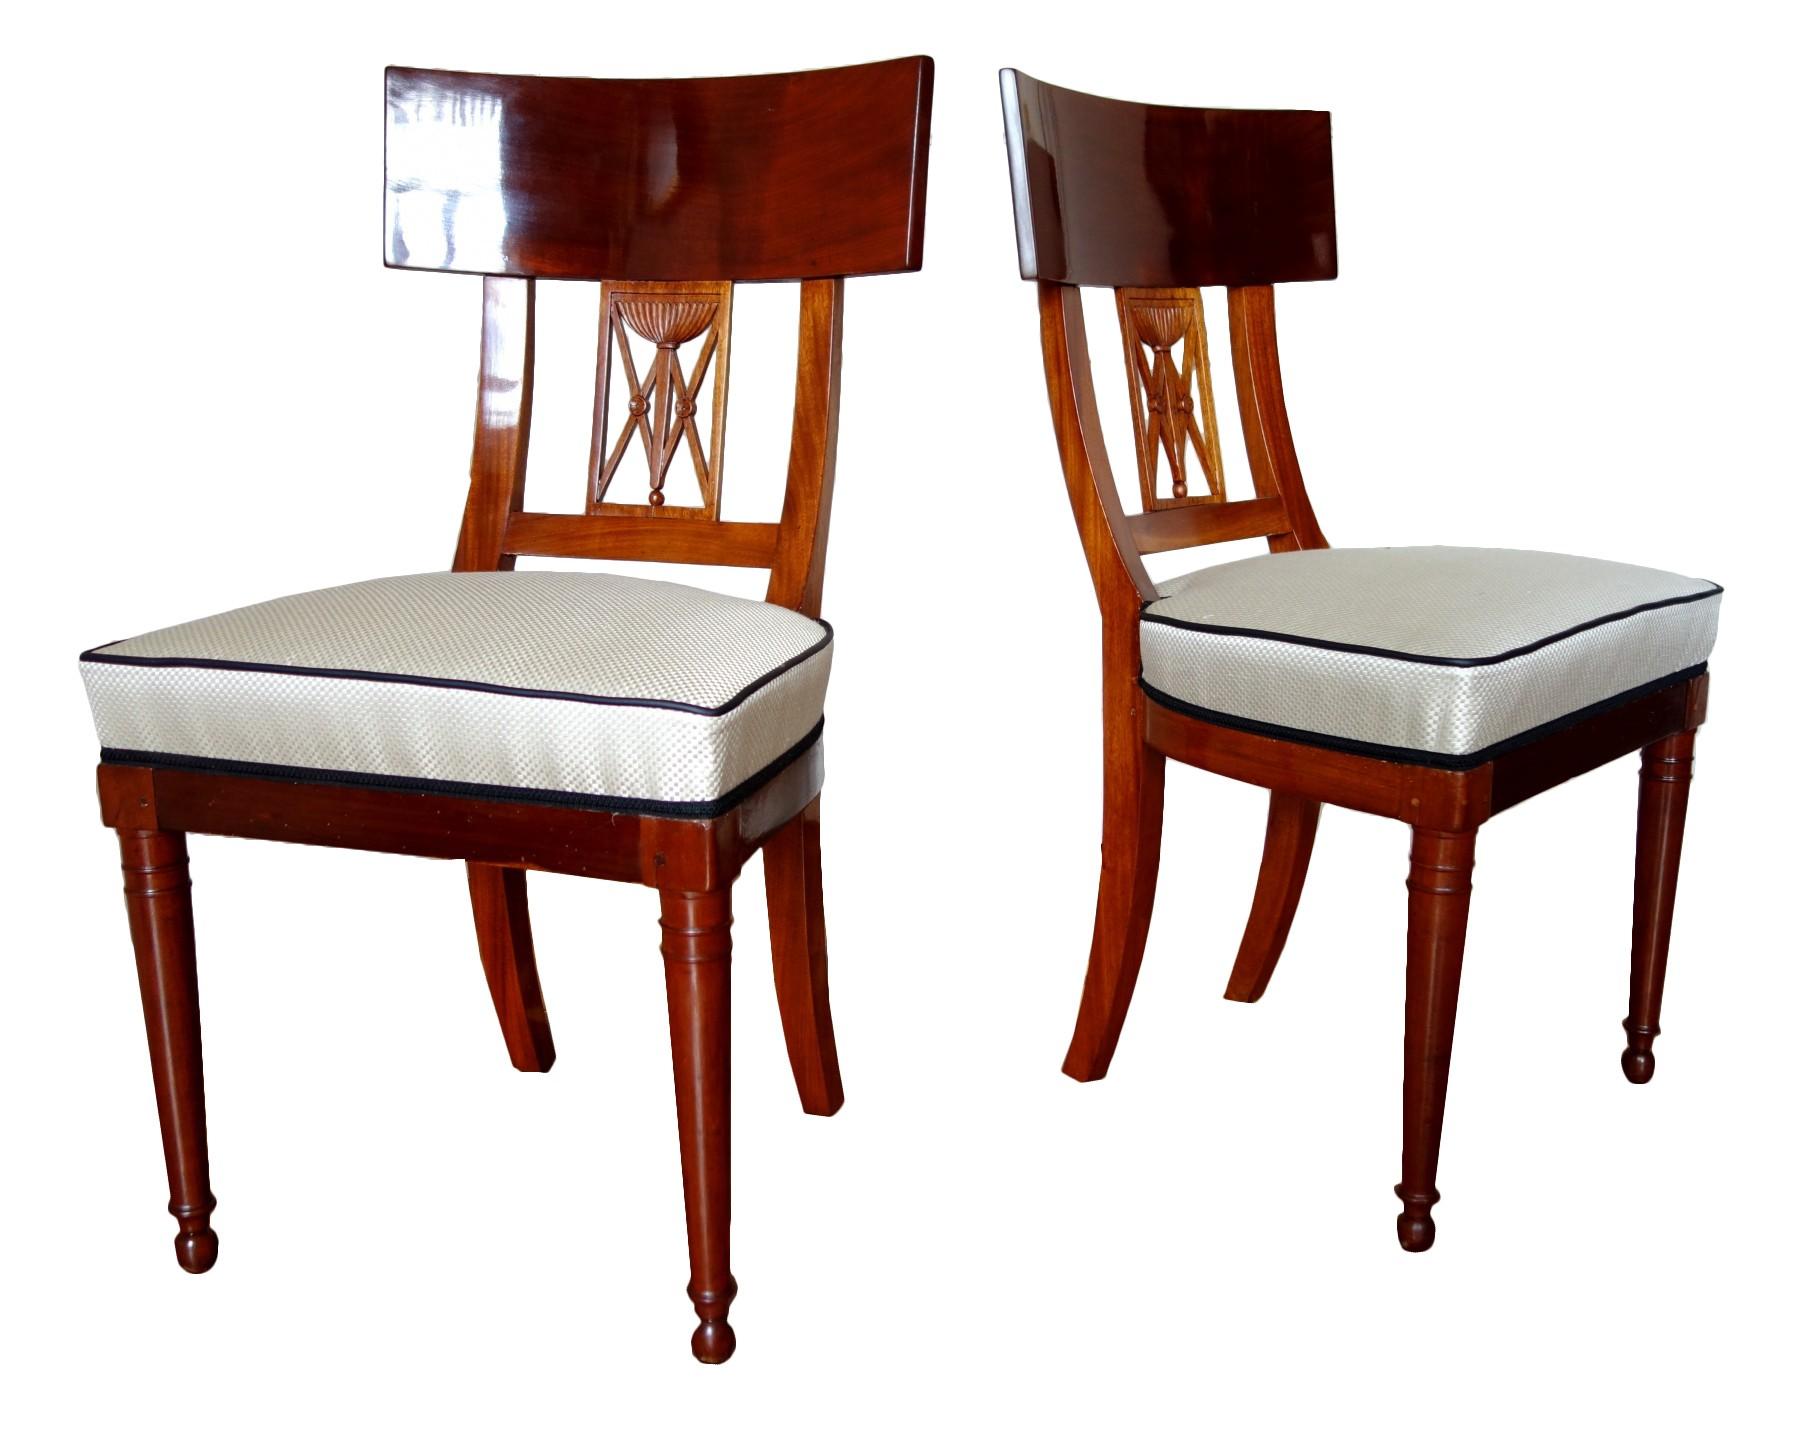 De Salle À Manger série de six chaises de salle à manger d'époque consulat